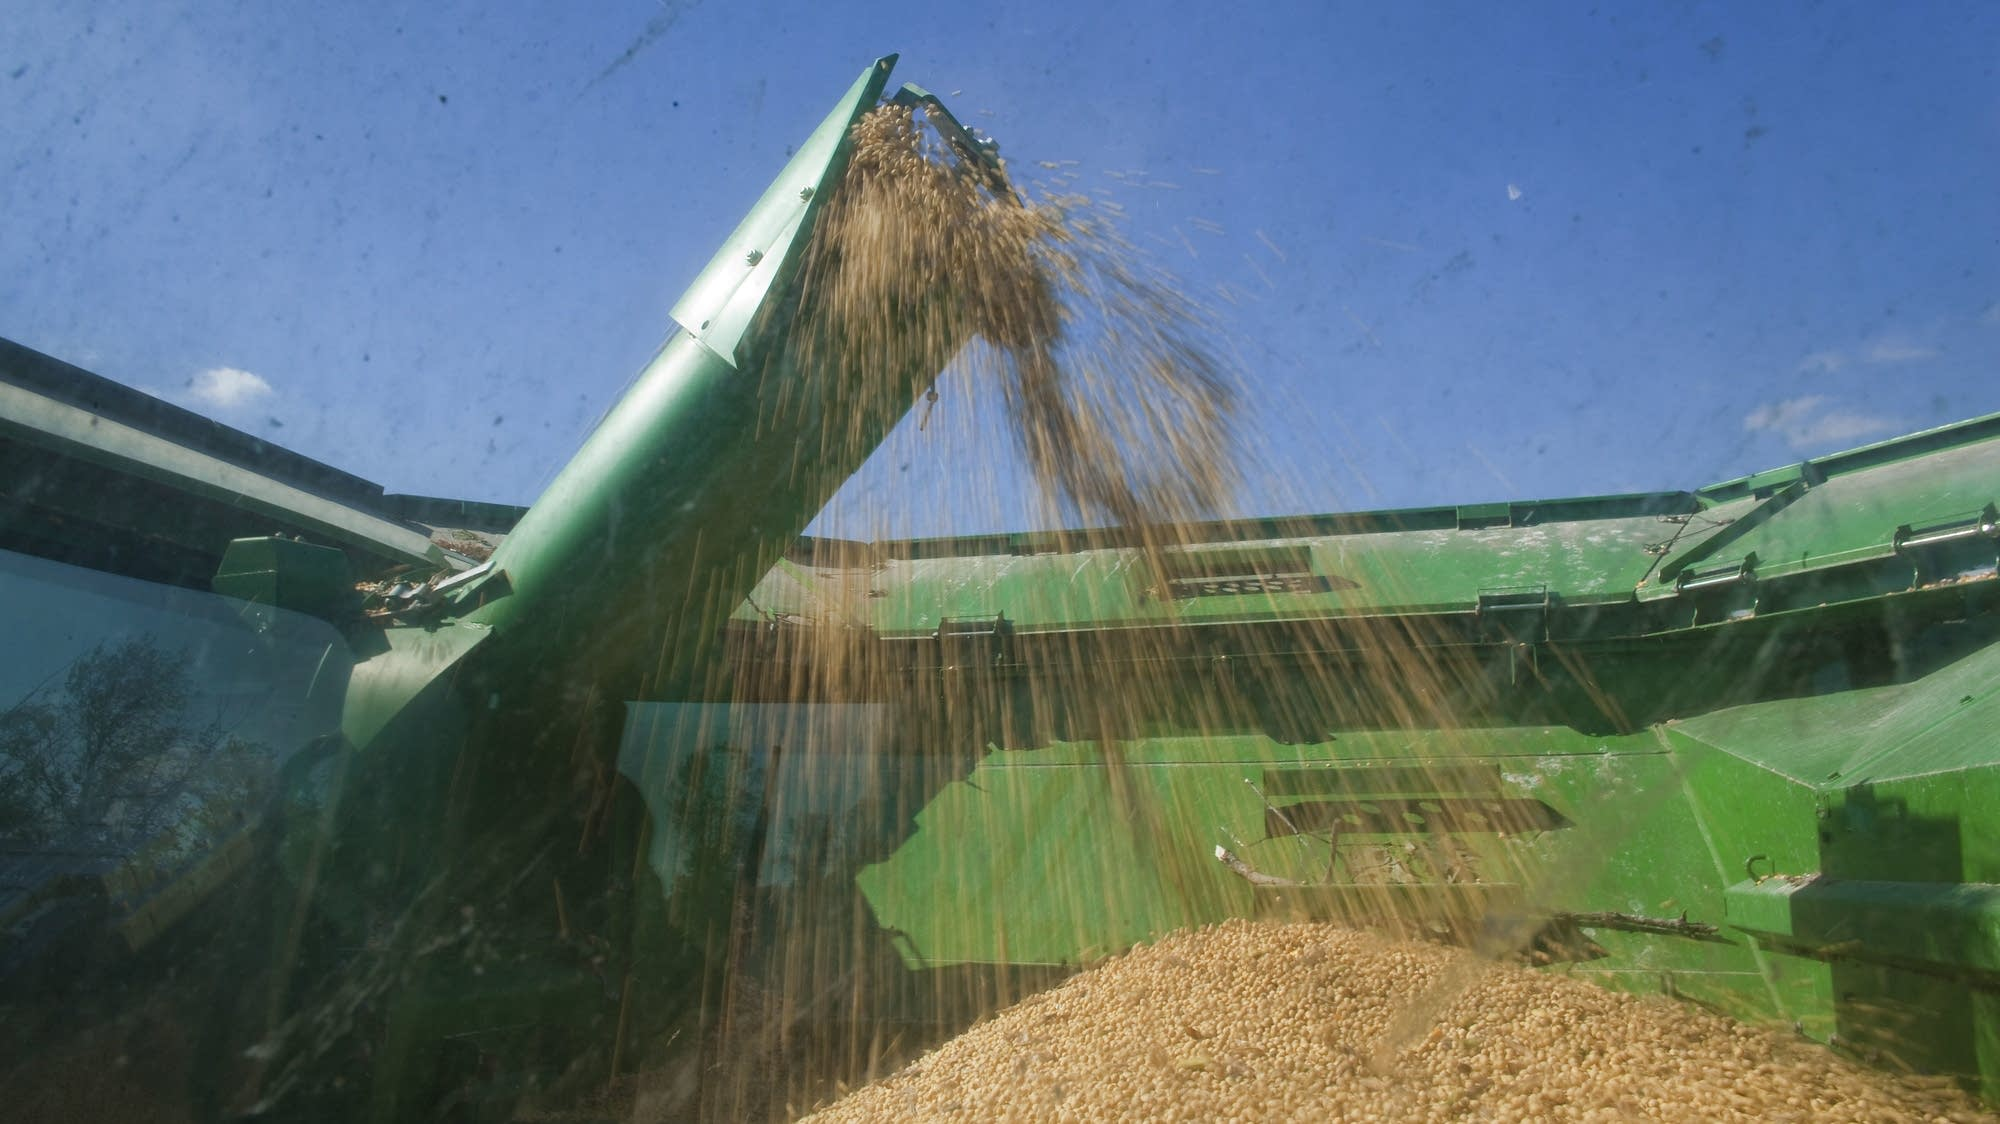 U.S. Dairy Farming Still A Struggle Despite Rise In Milk Prices